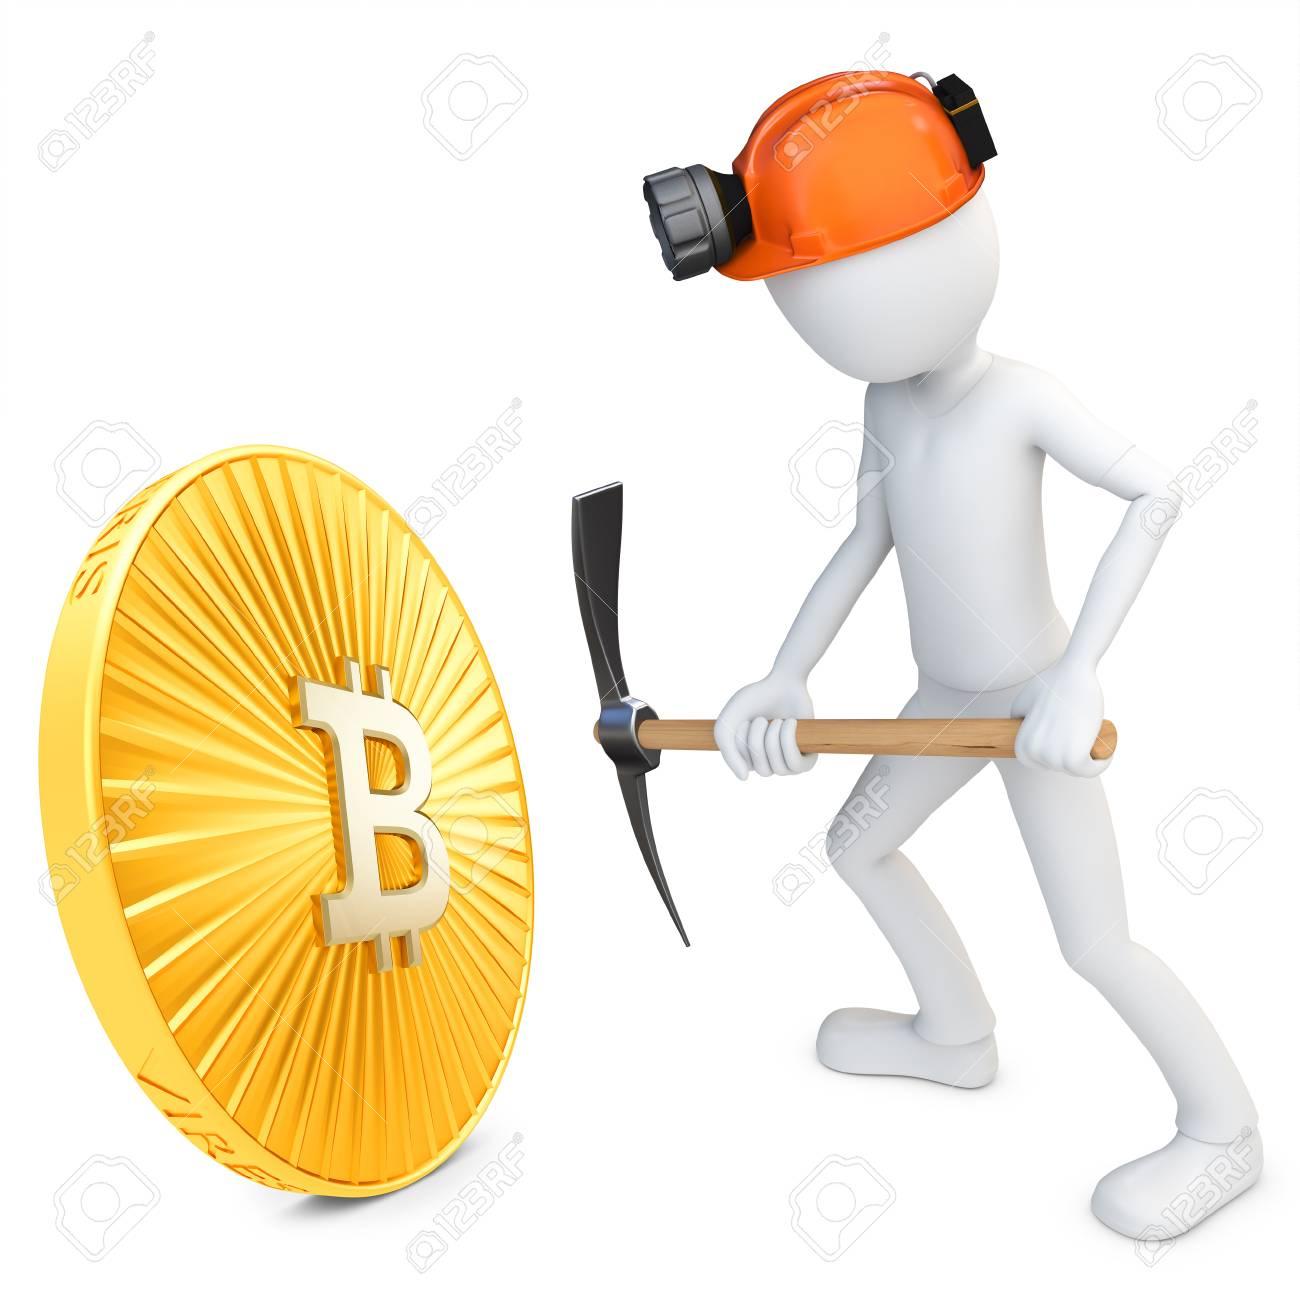 3D Man Minière Mineur D'or Pièce Bitcoin Sur Fond Blanc dedans Mineur D Or